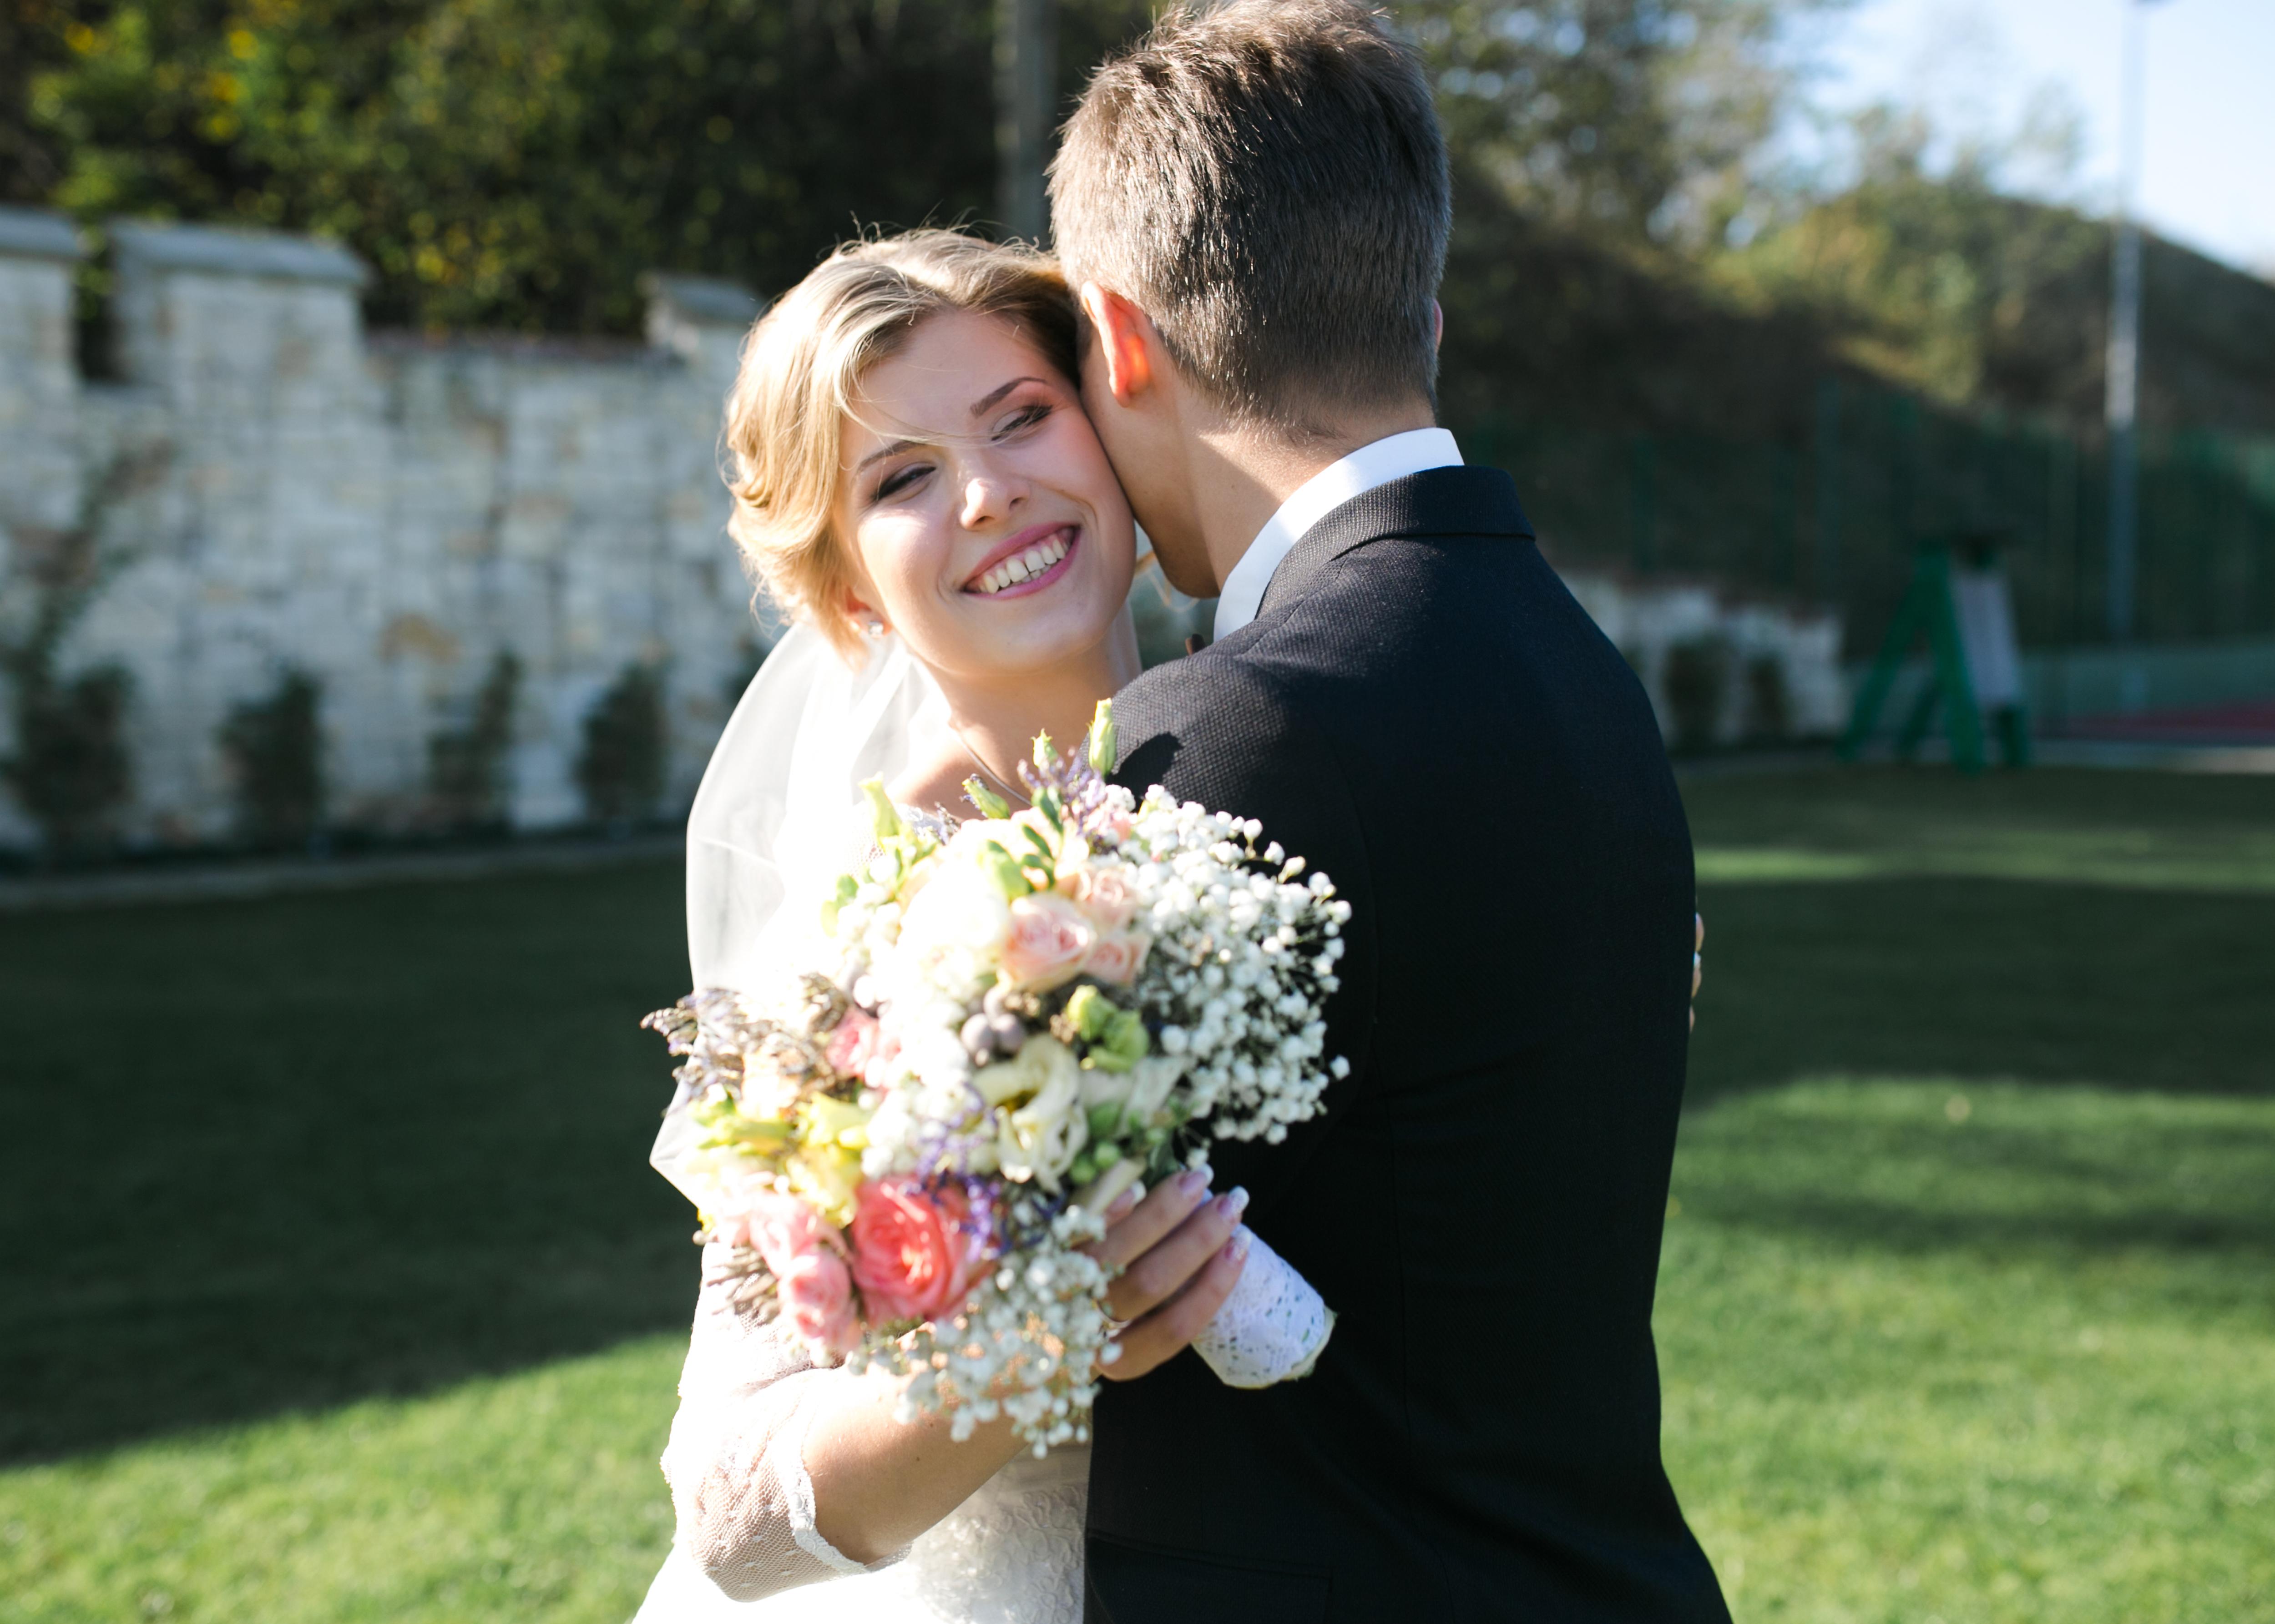 Il bouquet: regalo del futuro sposo